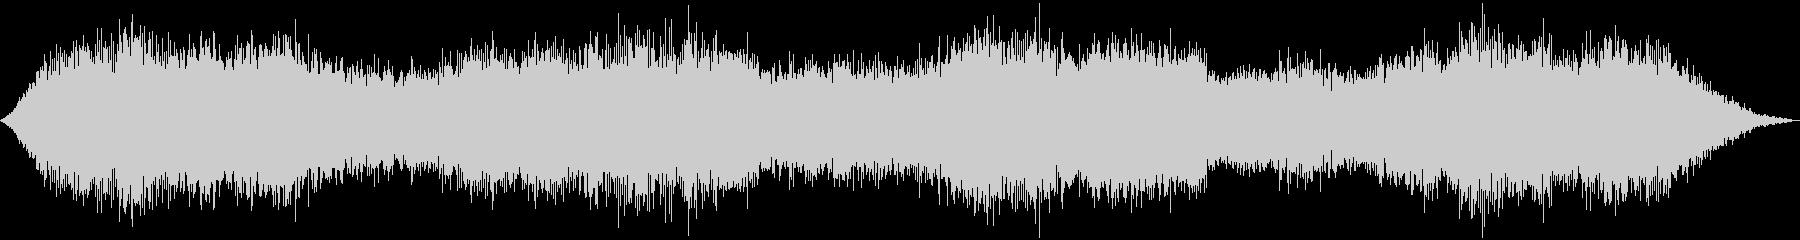 ダークアンビエント_03 ホラースケイプの未再生の波形